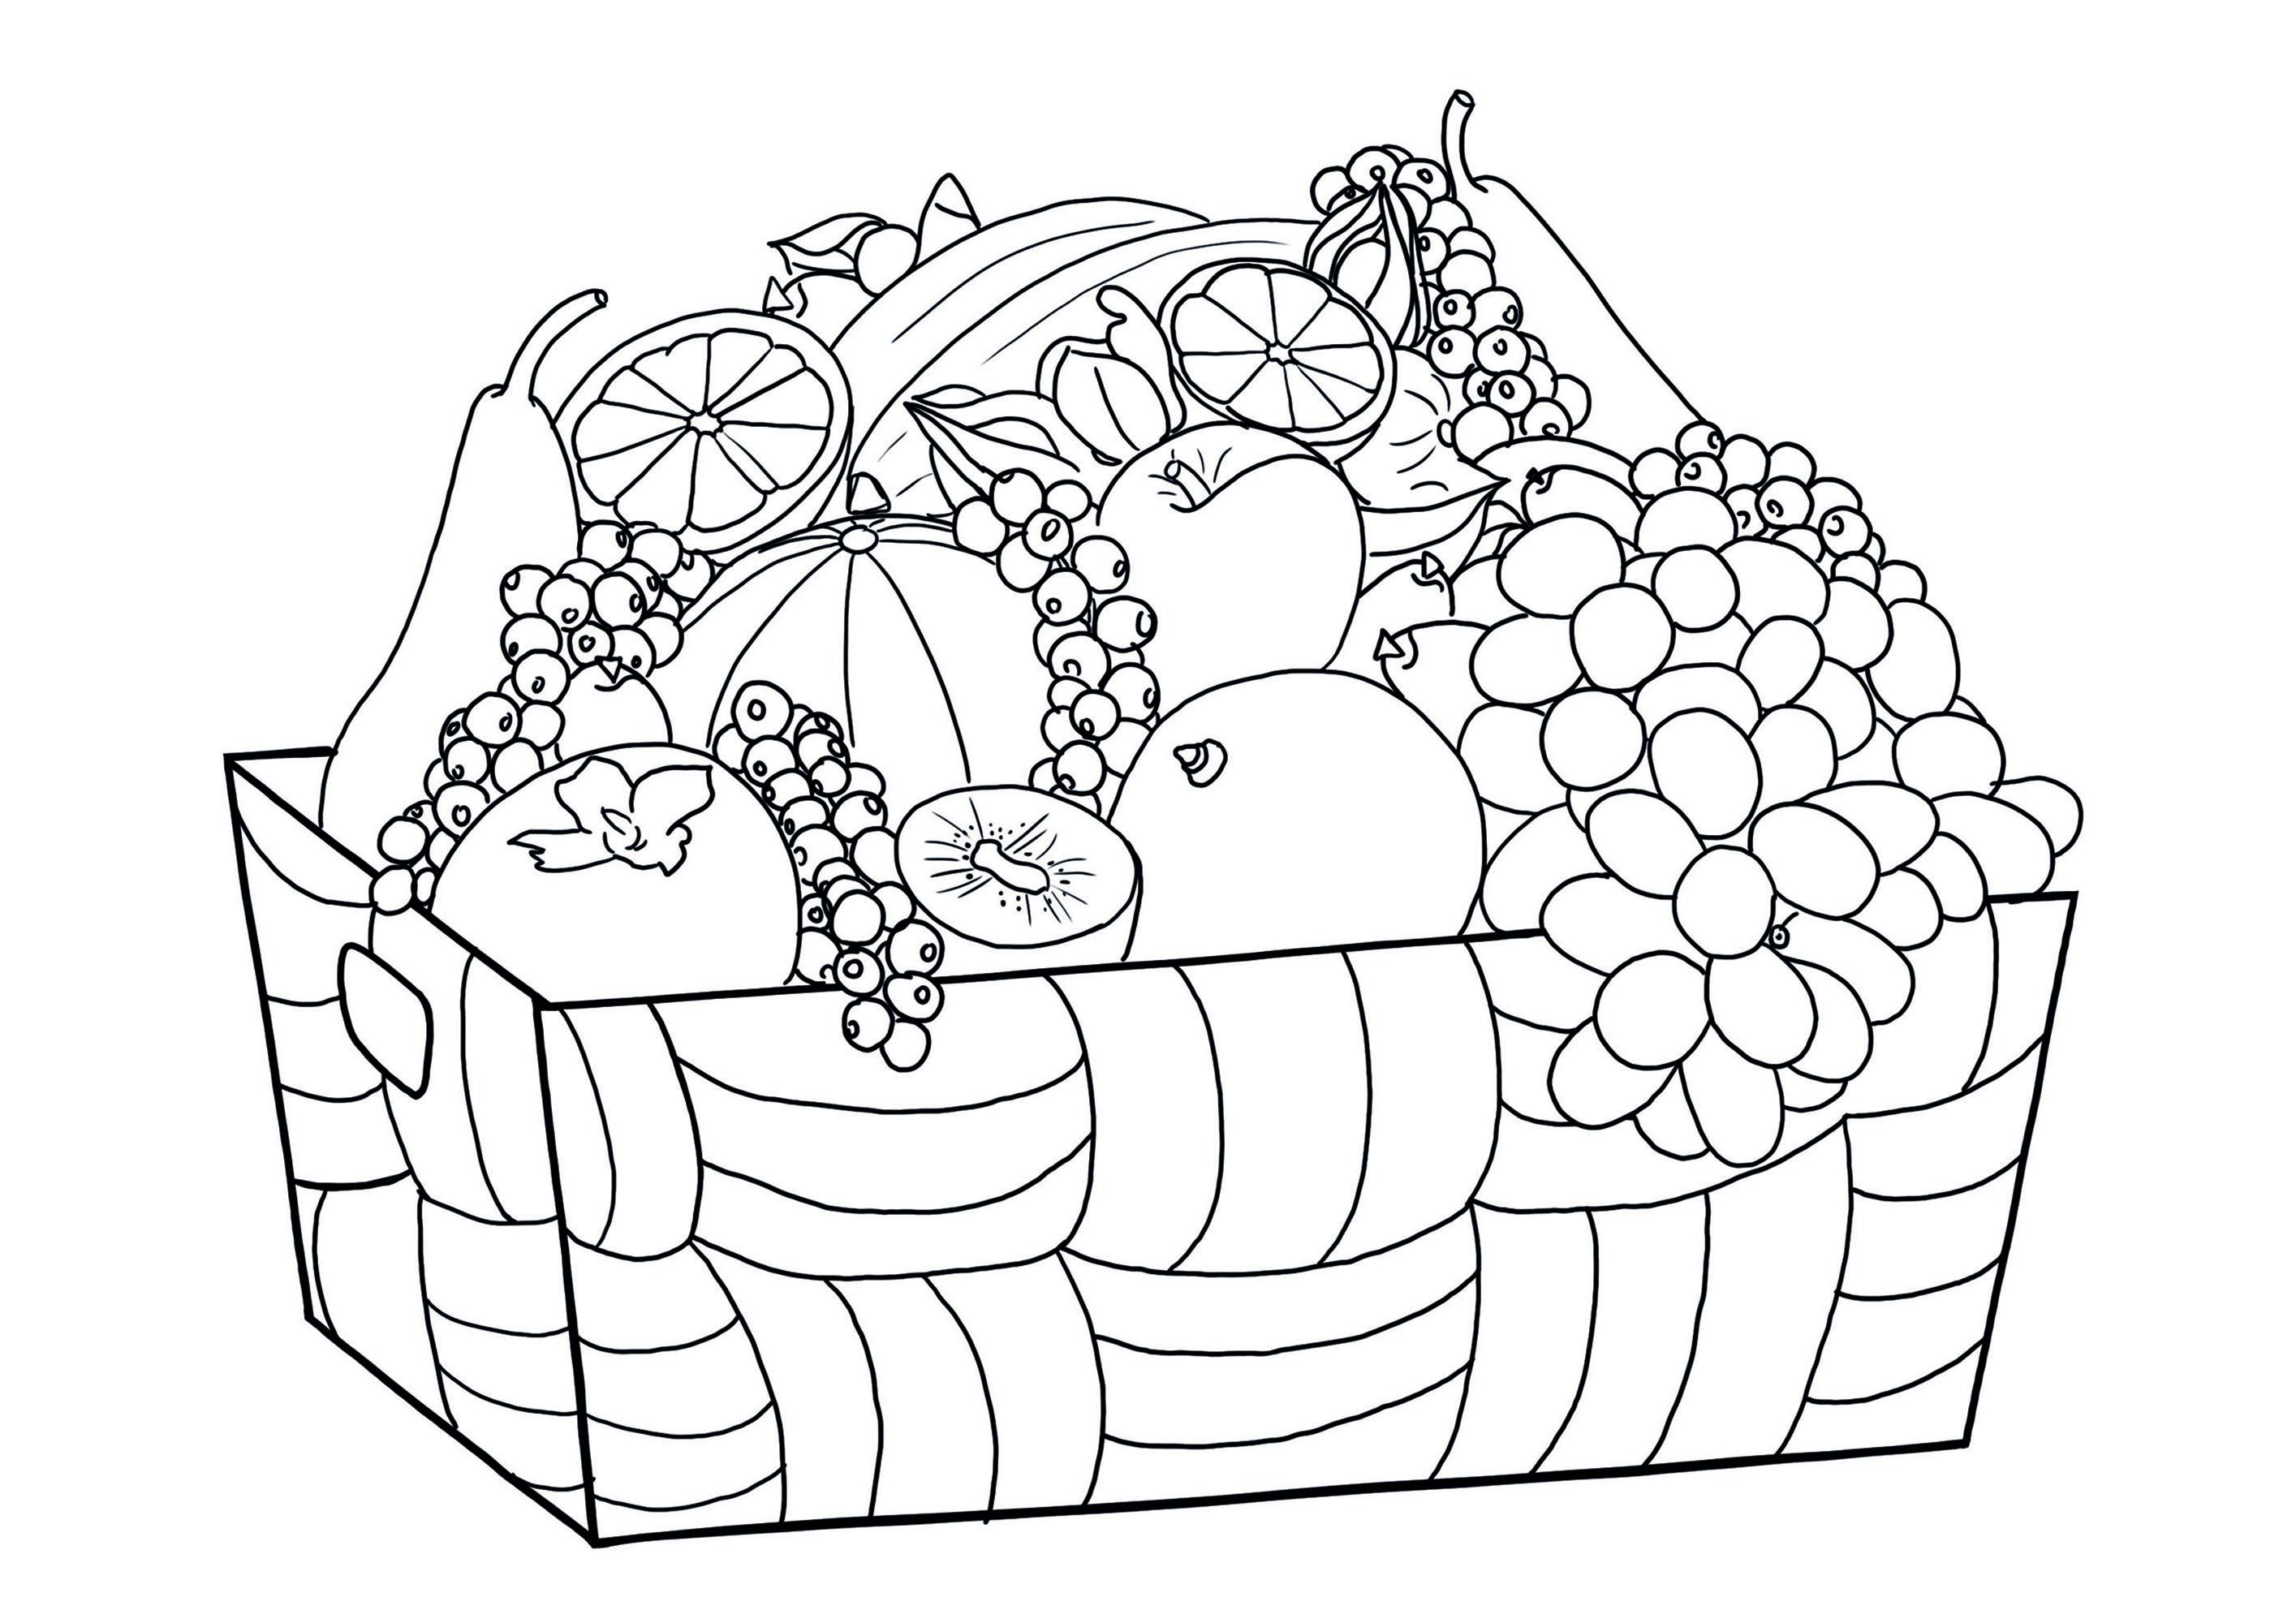 Coloriez ce joli panier de fruits !